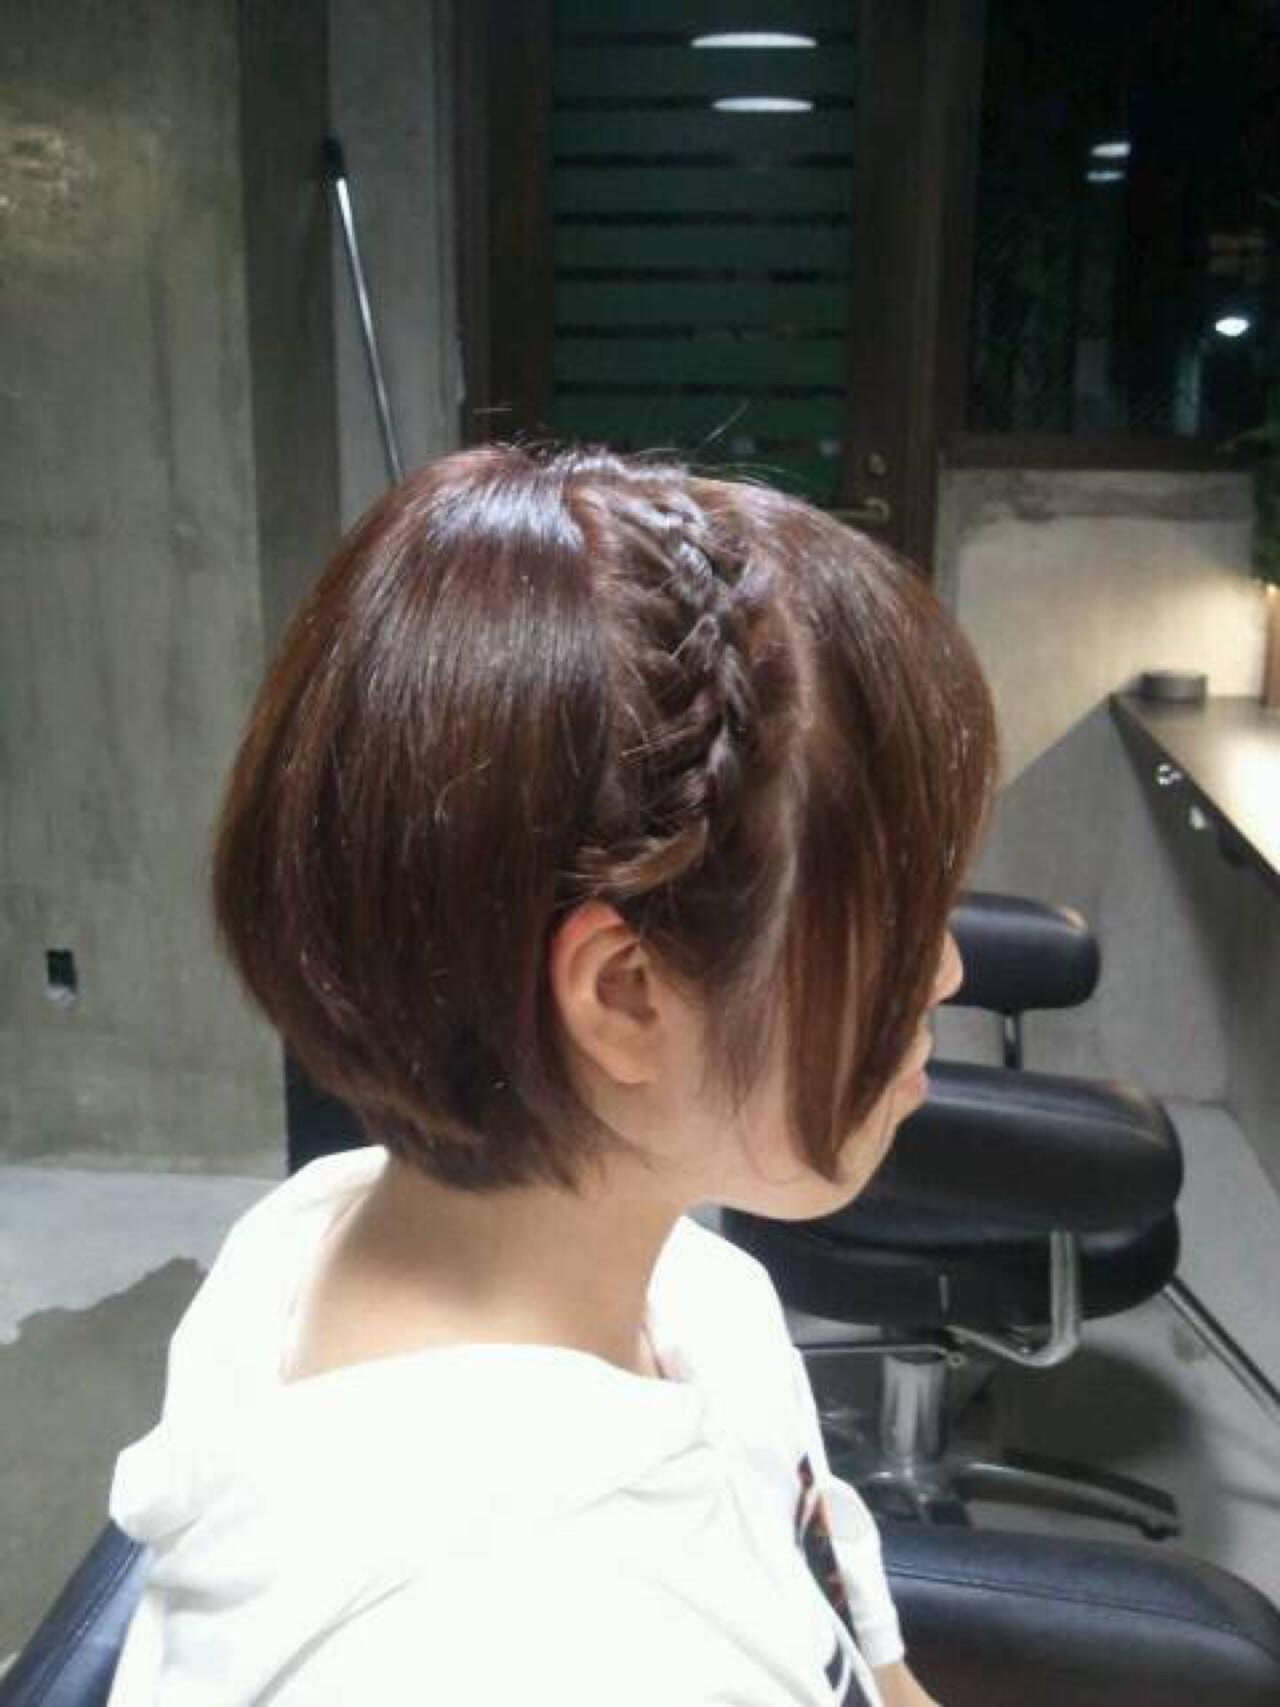 アッシュ ガーリー パーマ 簡単ヘアアレンジヘアスタイルや髪型の写真・画像